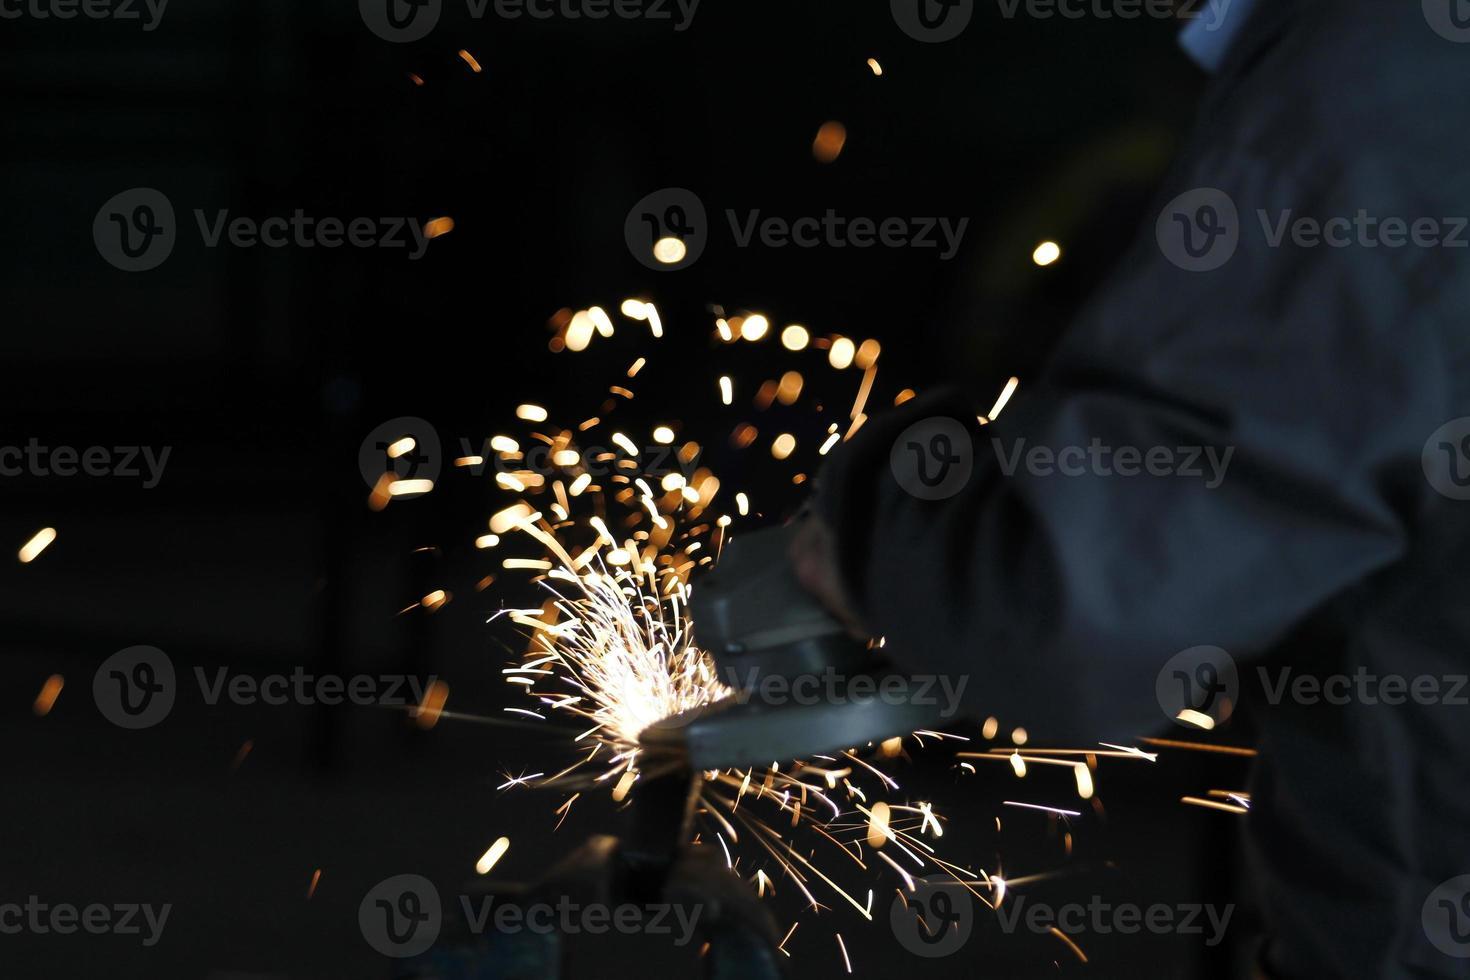 elektrisk hjulslipning på stålkonstruktion foto